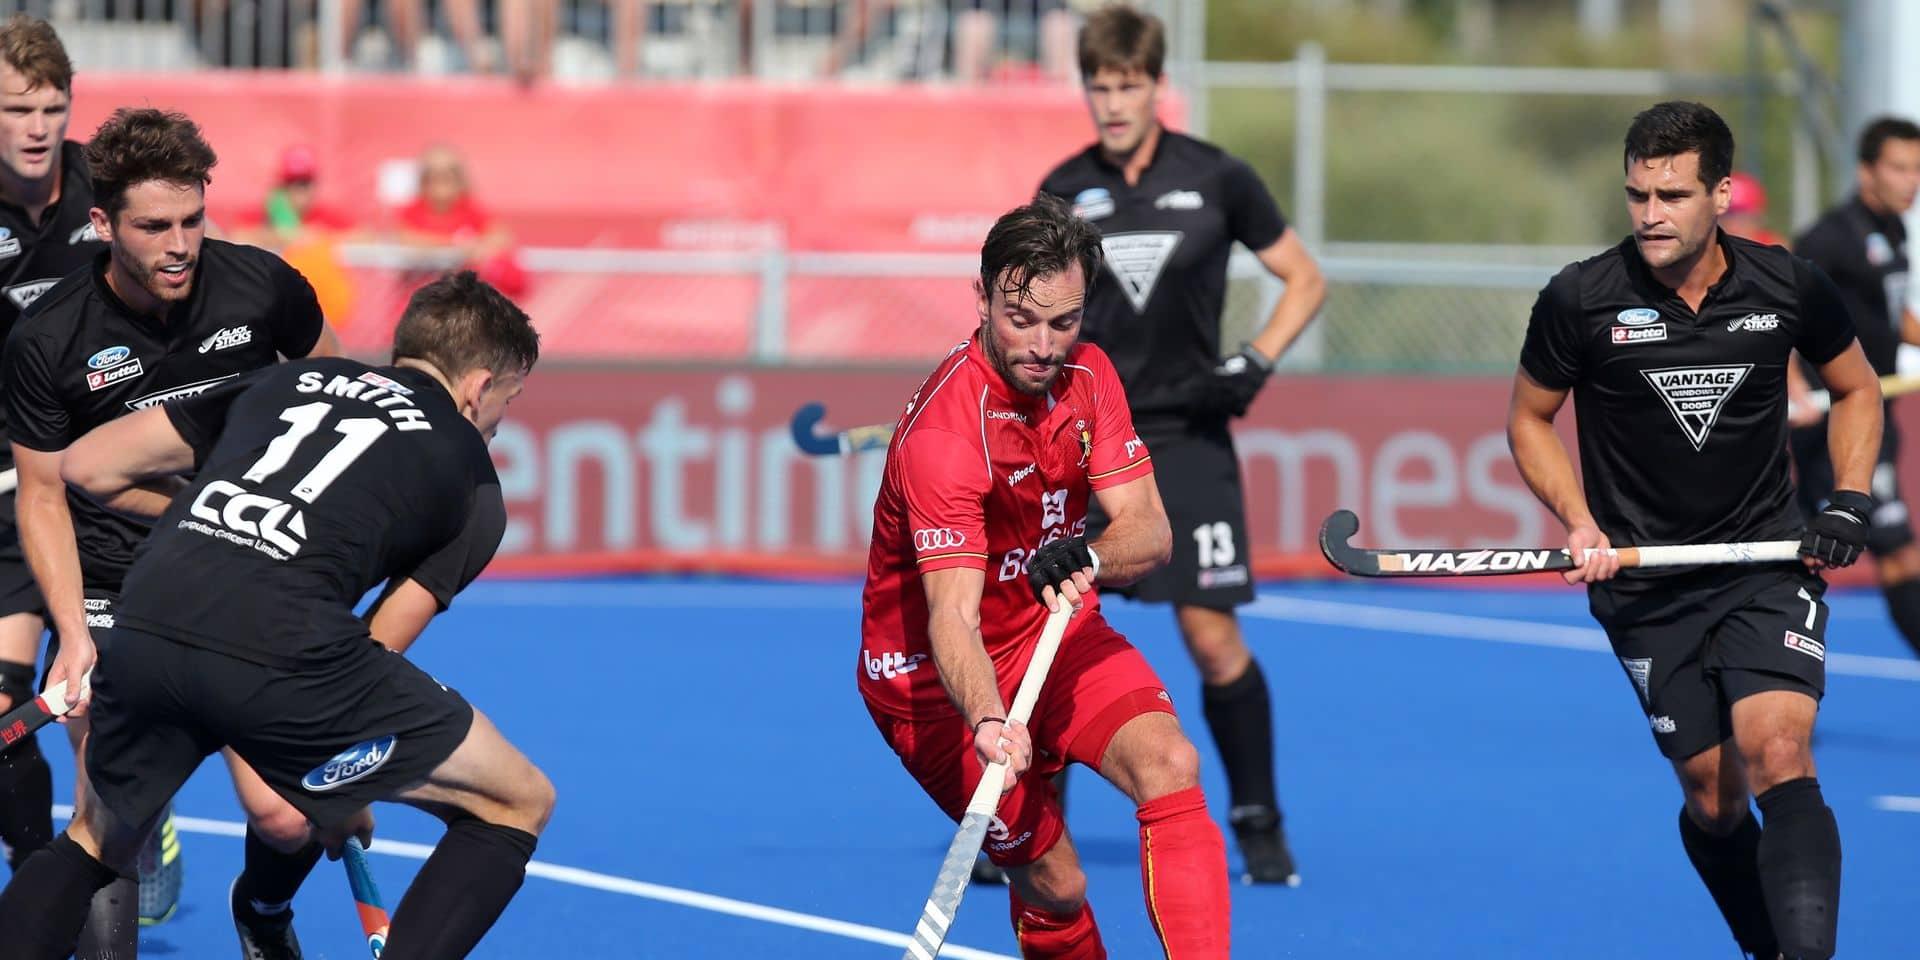 Le Red Lion Sebastien Dockier change de club aux Pays-Bas et rejoint Pinoké